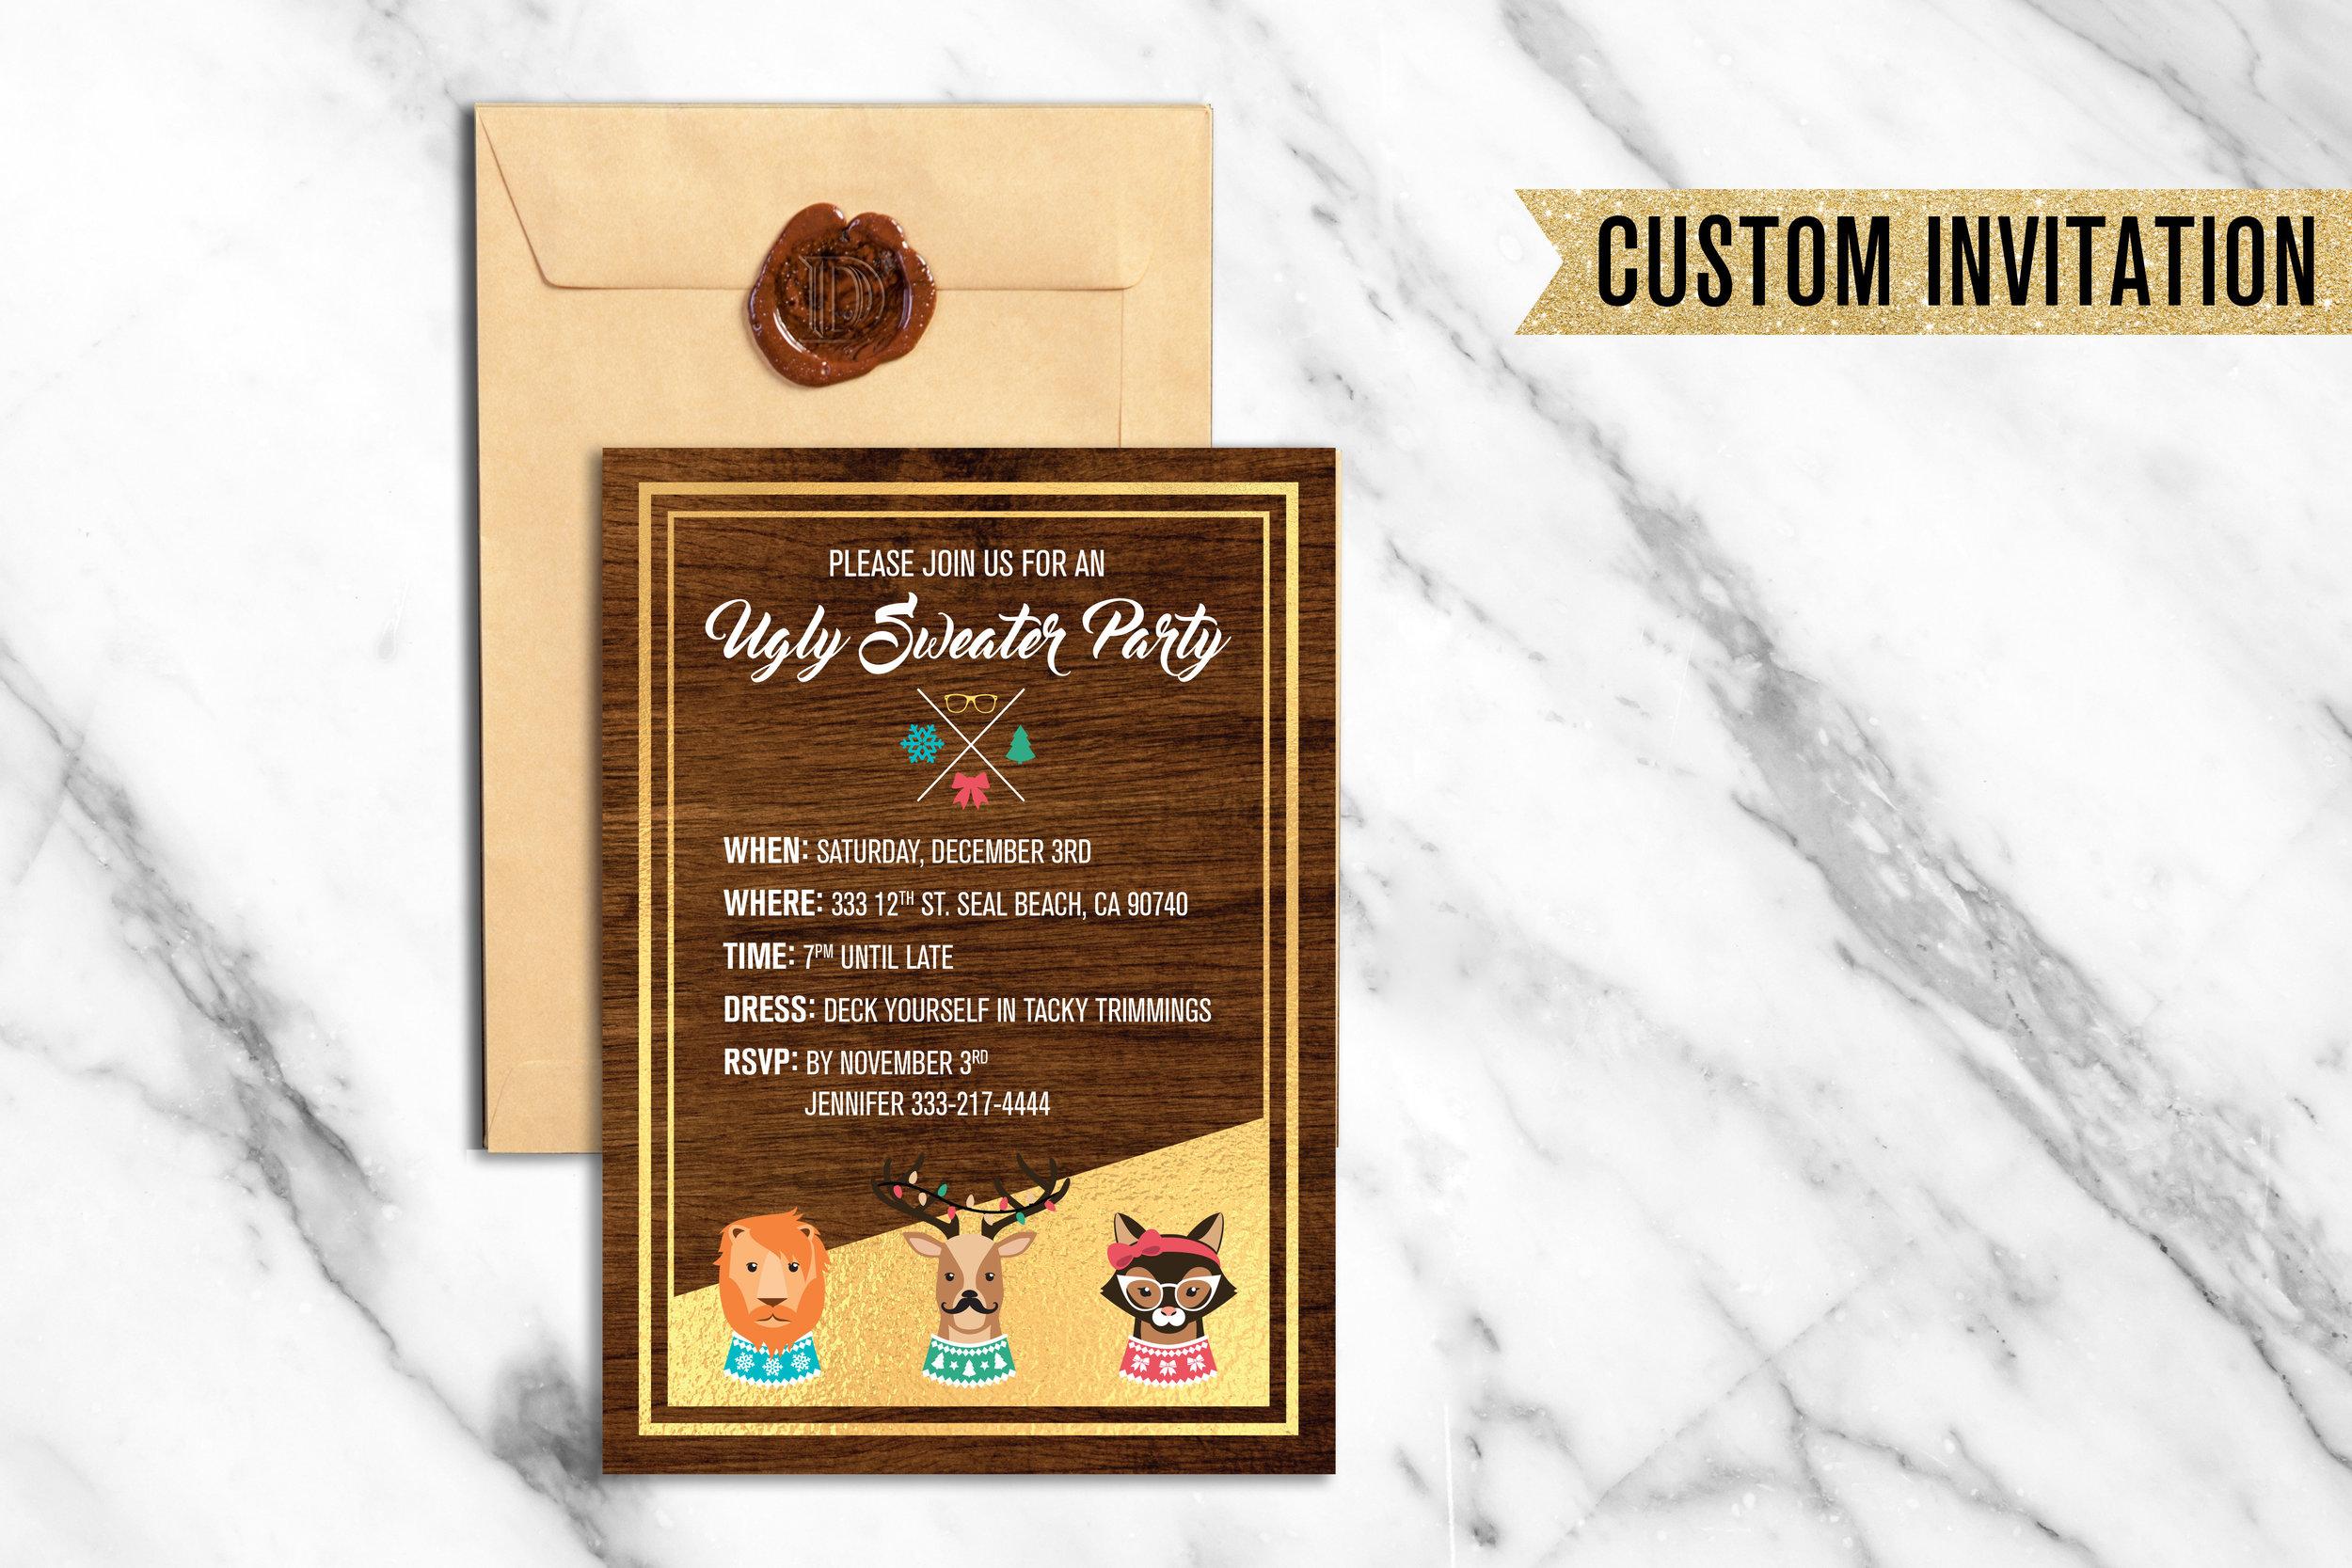 Invitation_Image.jpg